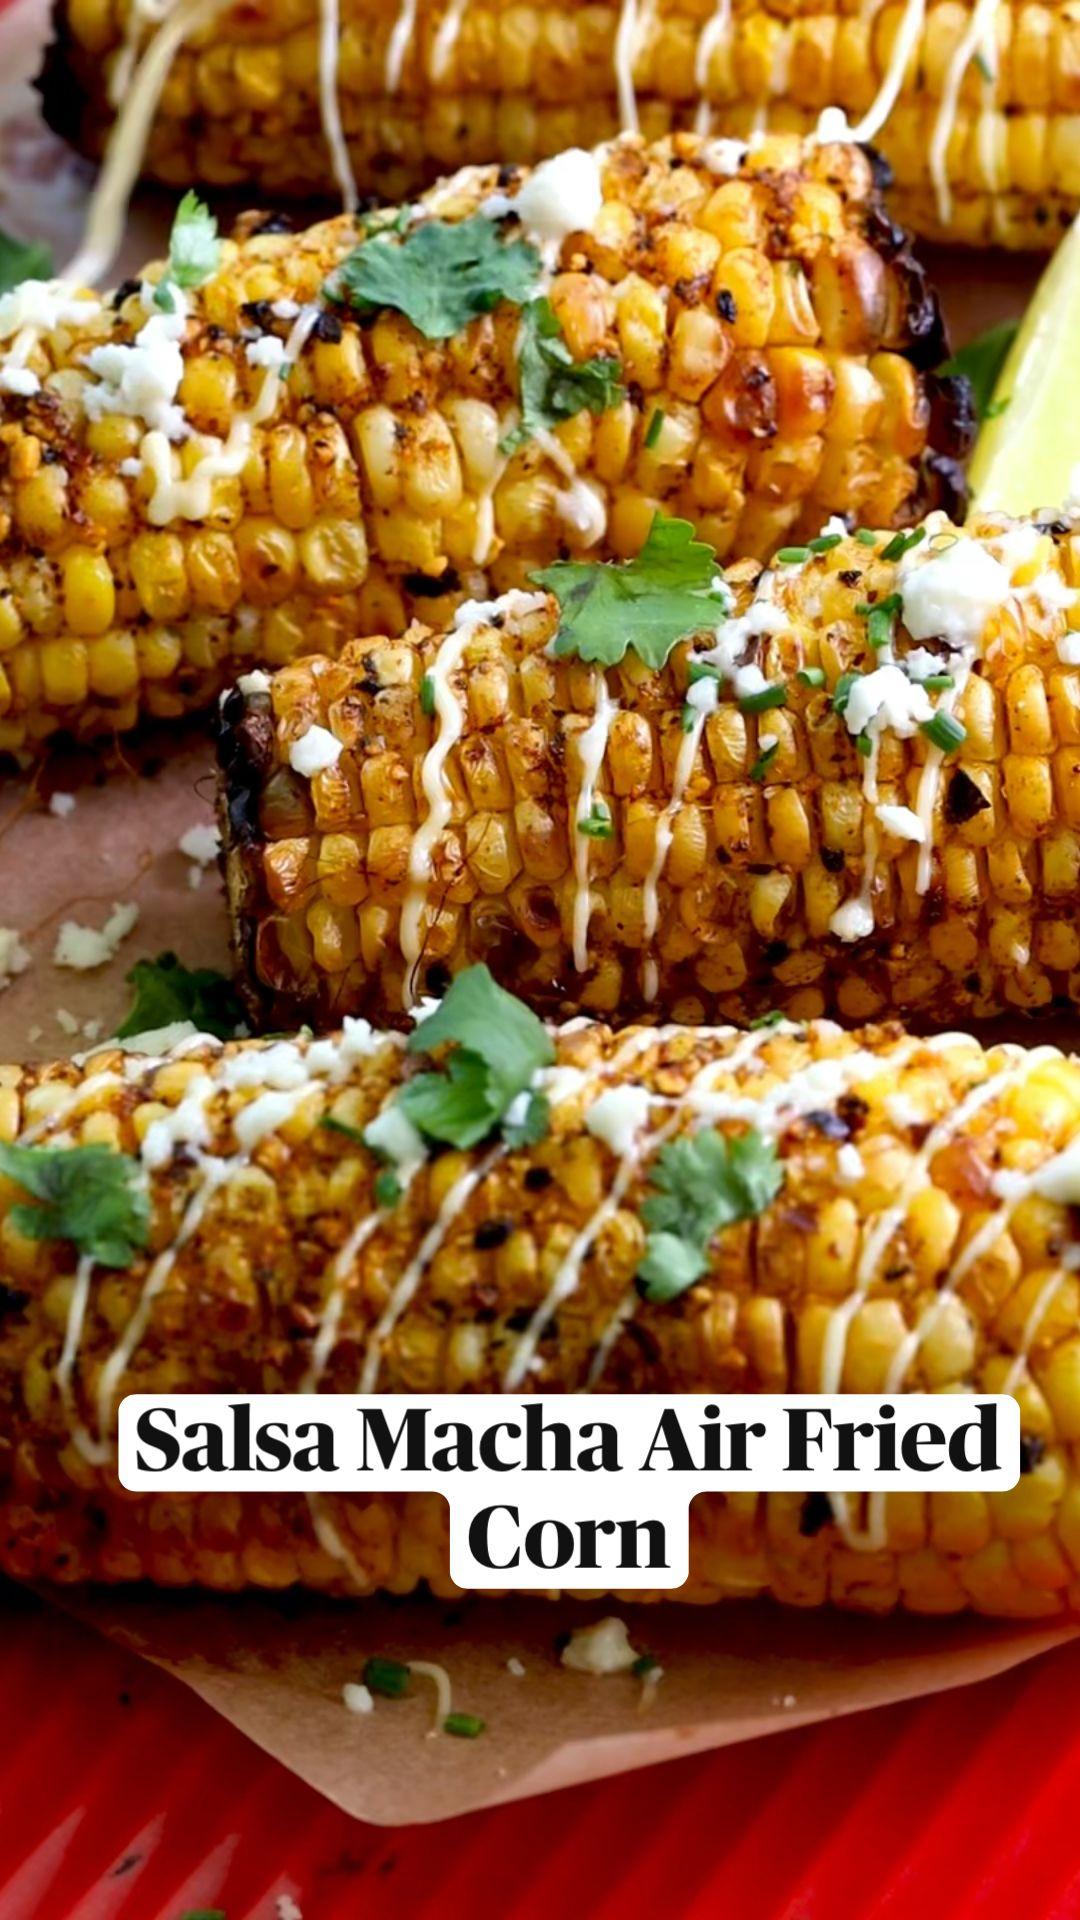 Salsa Macha Air Fried Corn